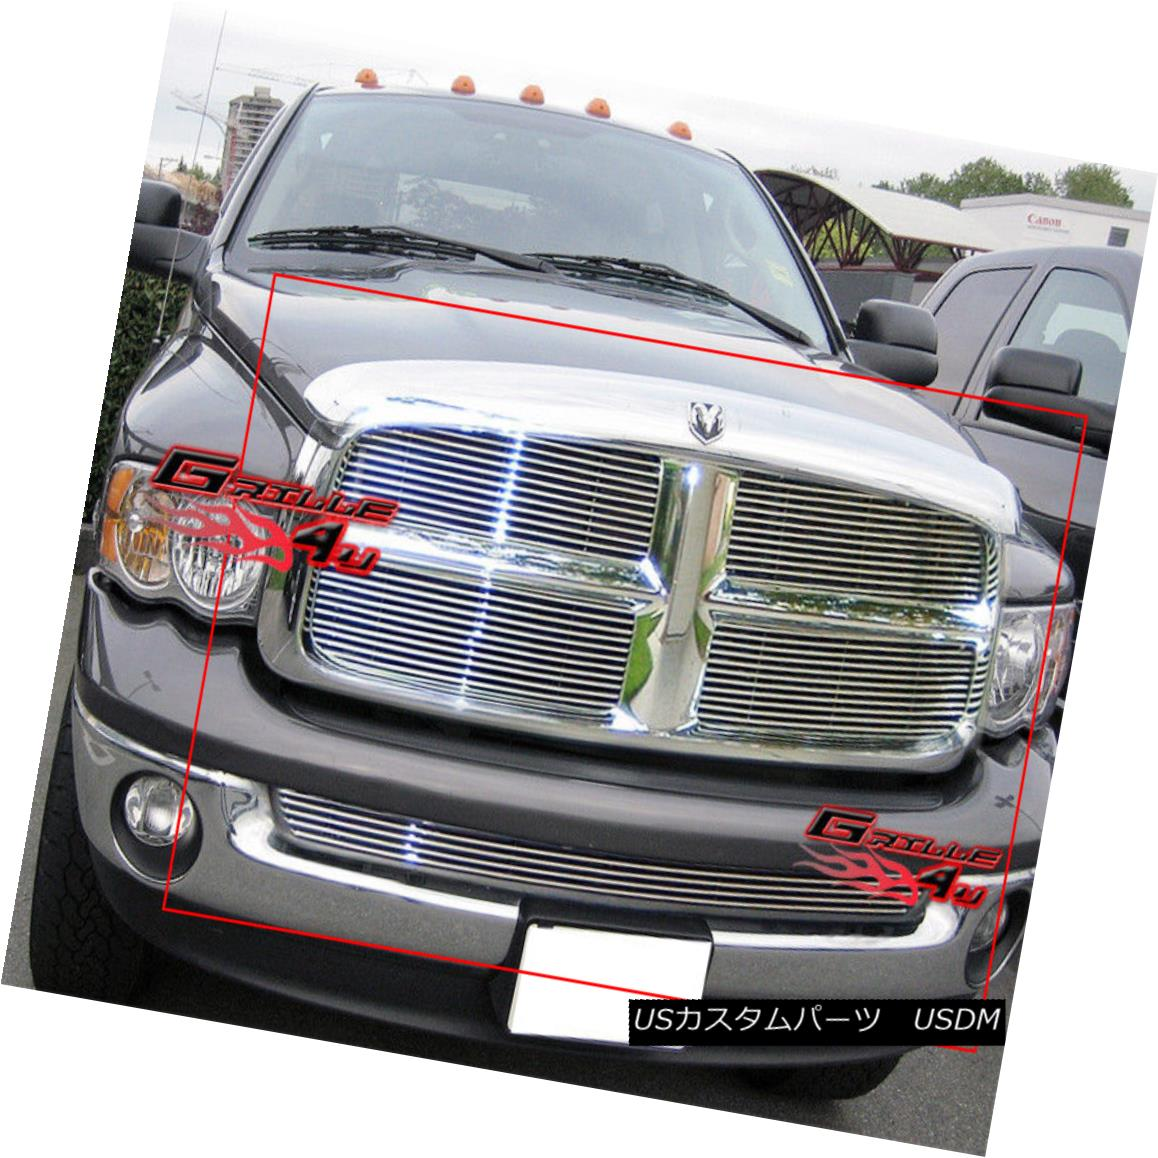 グリル For 02-05 Dodge Ram Billet Grille Combo Insert 02-05ダッジ・ラム・ビレット・グリル・コンボ・インサート